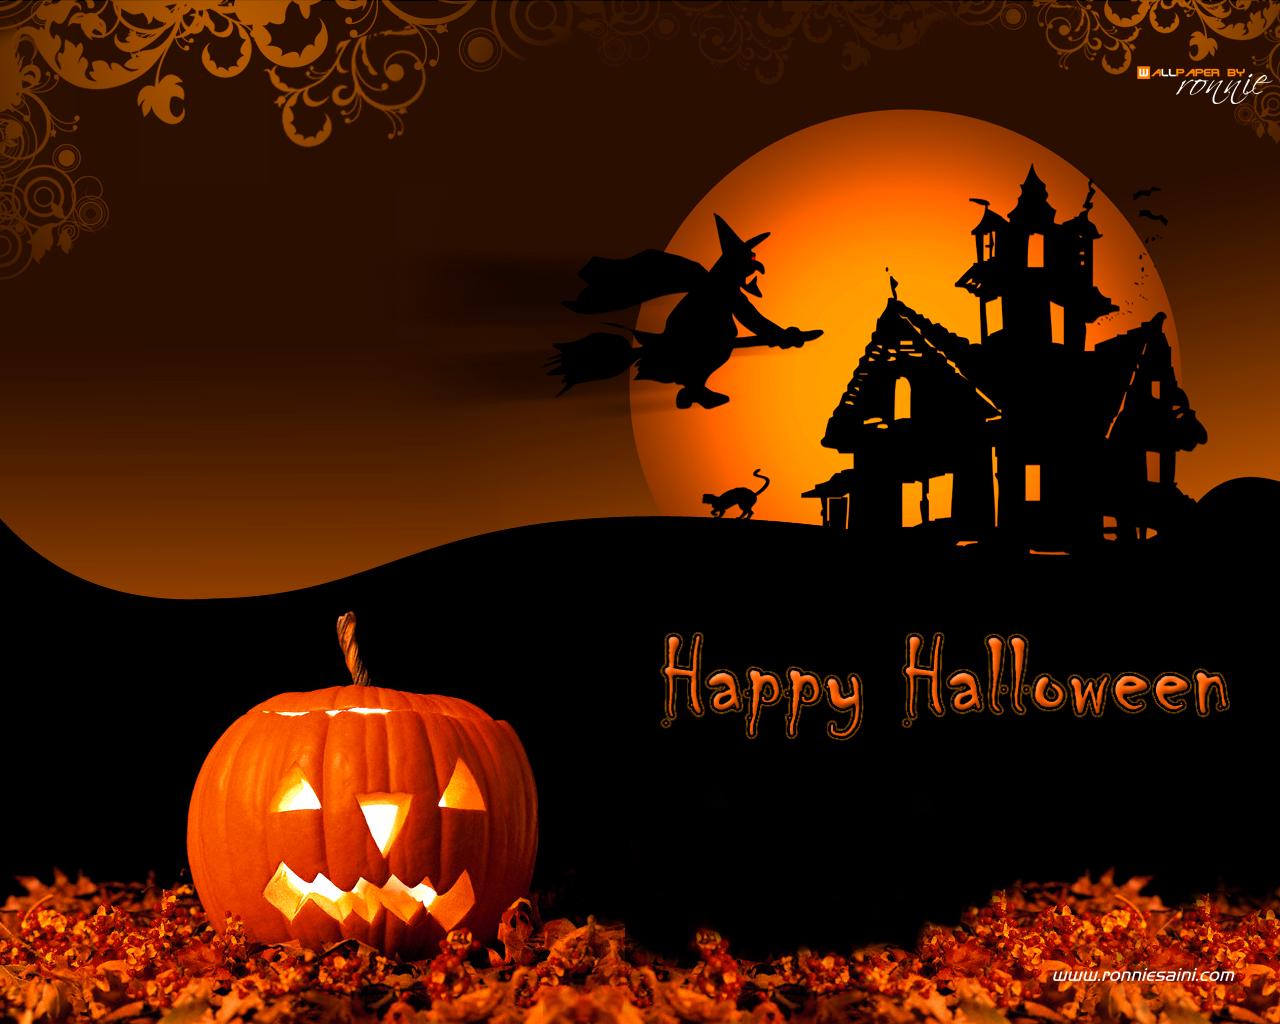 50] Halloween Desktop Wallpapers Backgrounds on WallpaperSafari 1280x1024